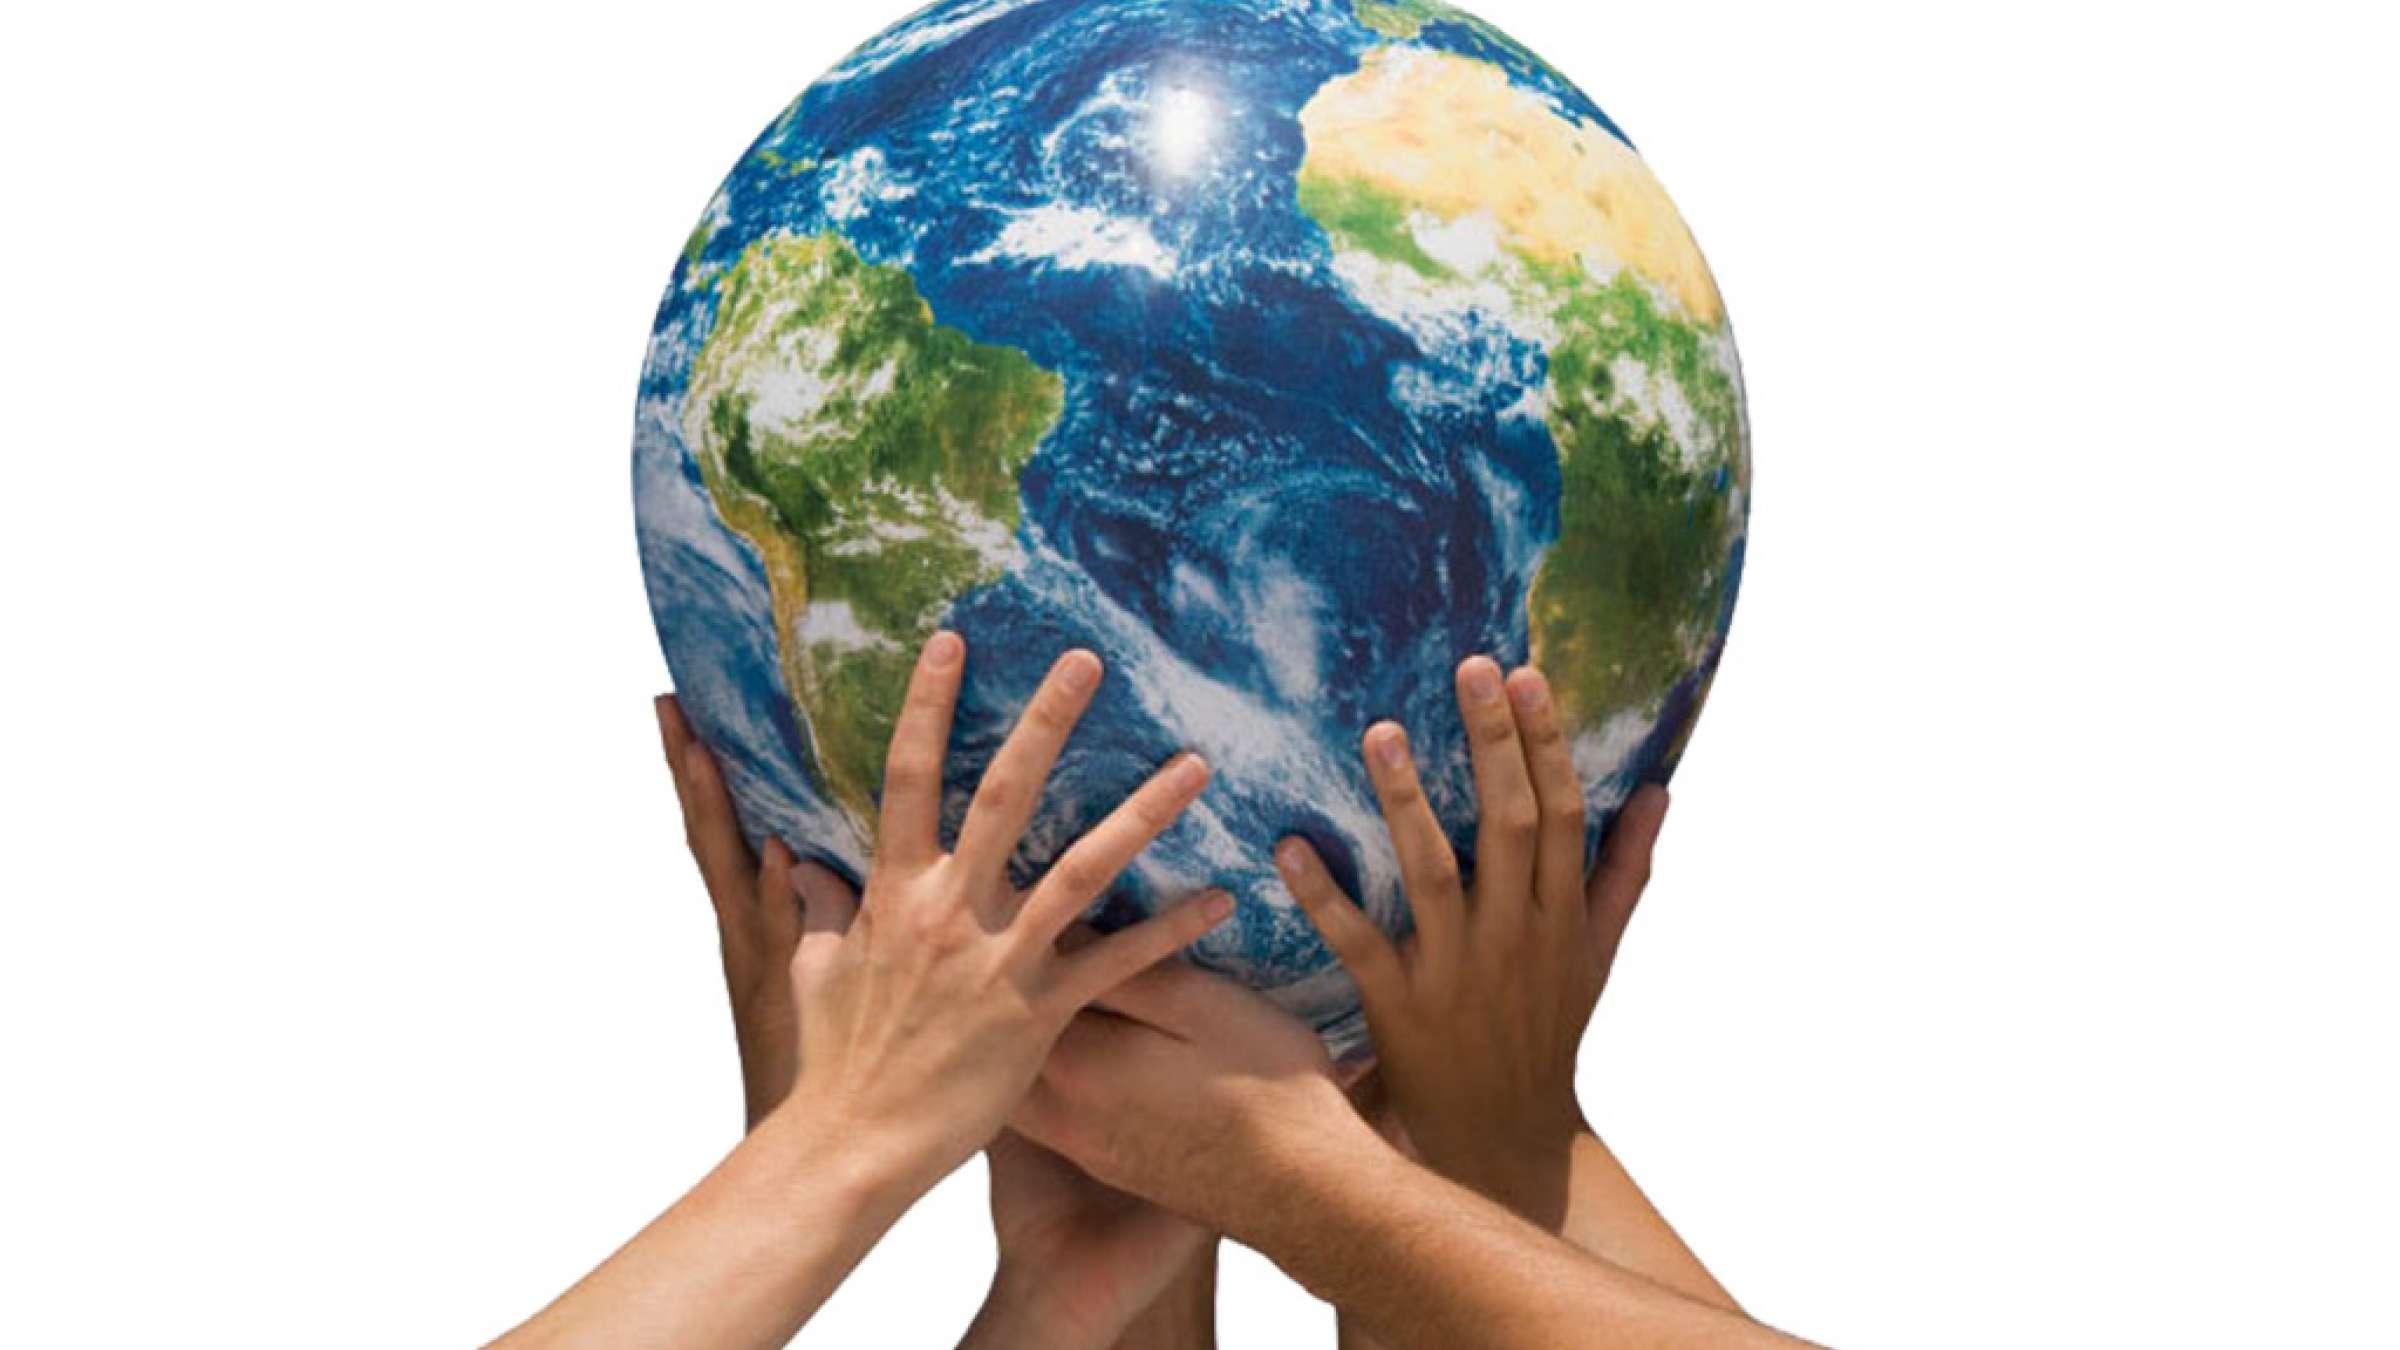 عمومی-ضیائیان-خدا-حافظِ-همبستگی-جهانی